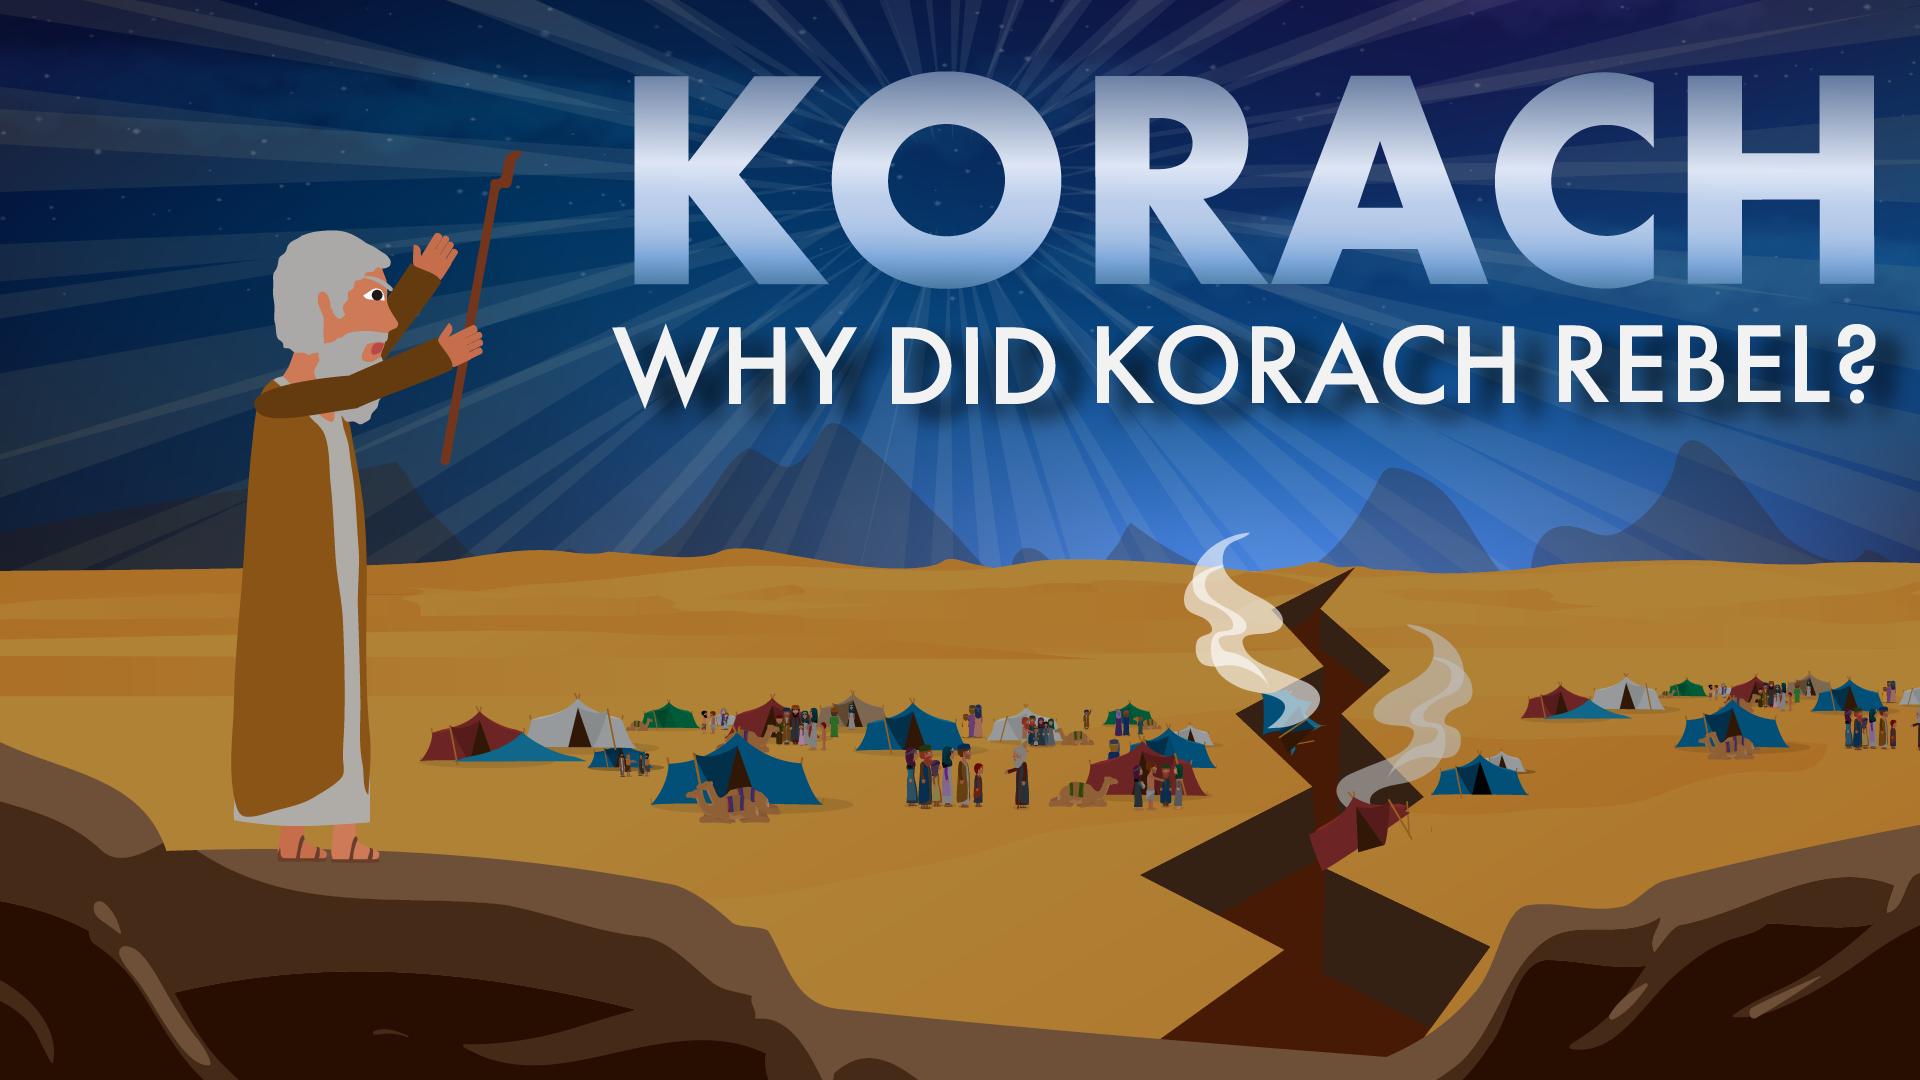 Korach: Why Did Korach Rebel?